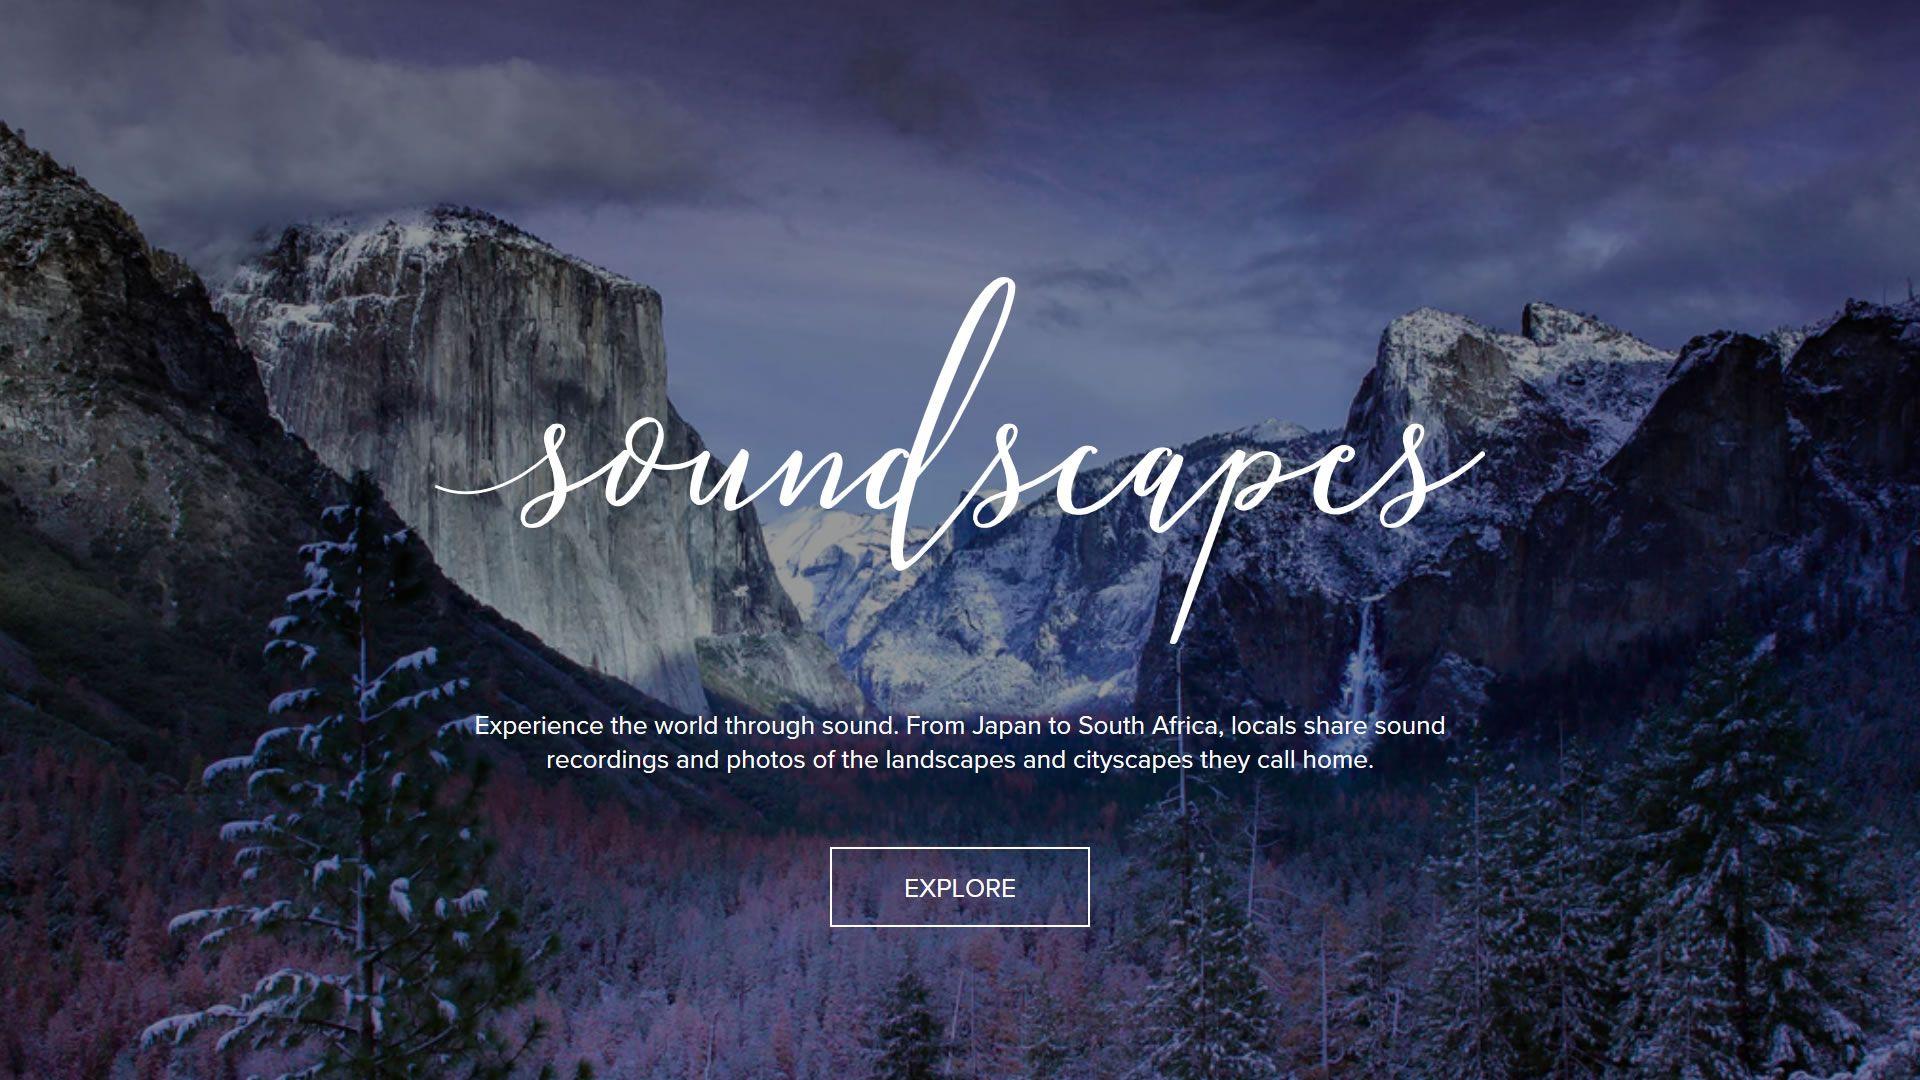 Podemos viajar por el mundo a través de los sonidos desde nuestra casa